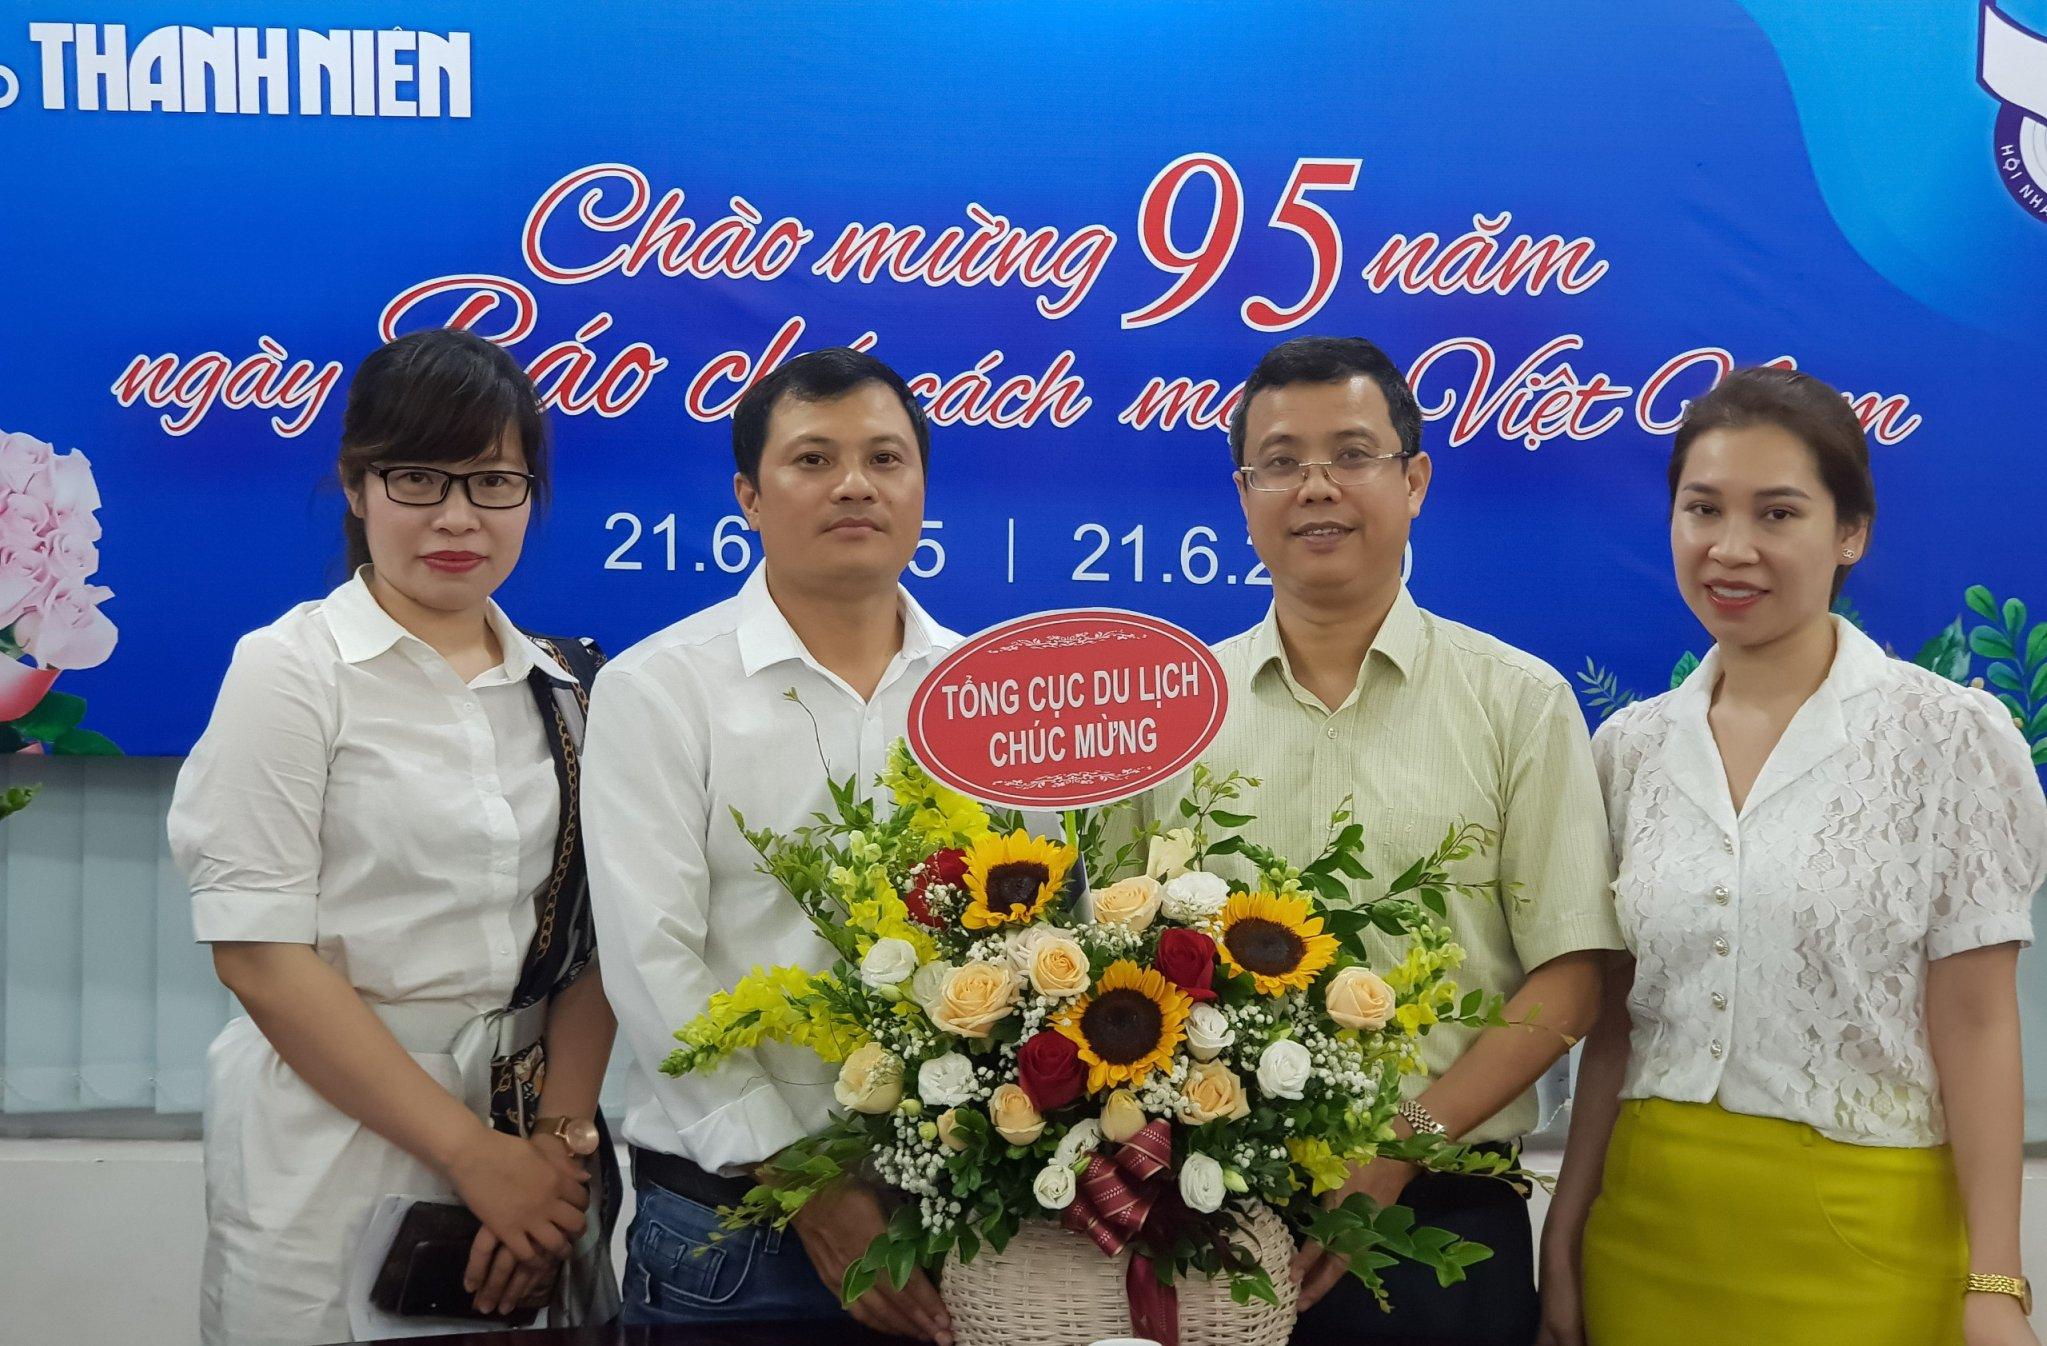 Lãnh đạo Tổng cục Du lịch chúc mừng các cơ quan báo chí, truyền thông nhân Ngày Báo chí cách mạng Việt Nam